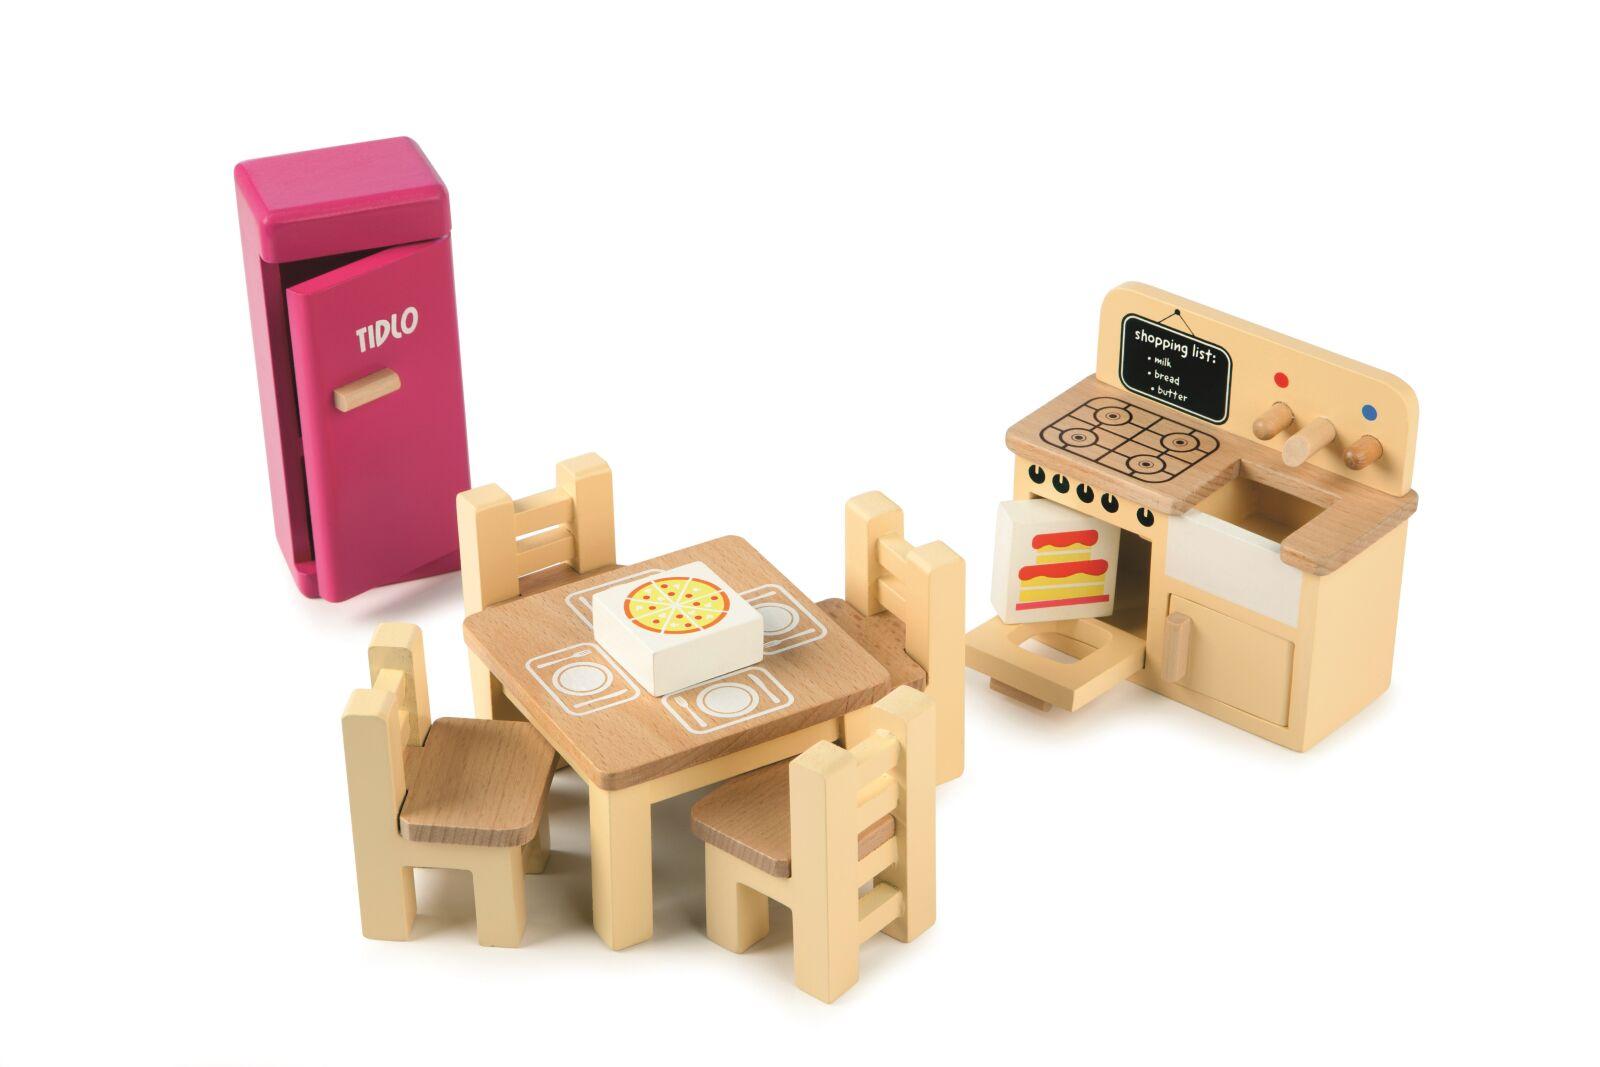 Tidlo dřevěný nábytek - Kuchyňka